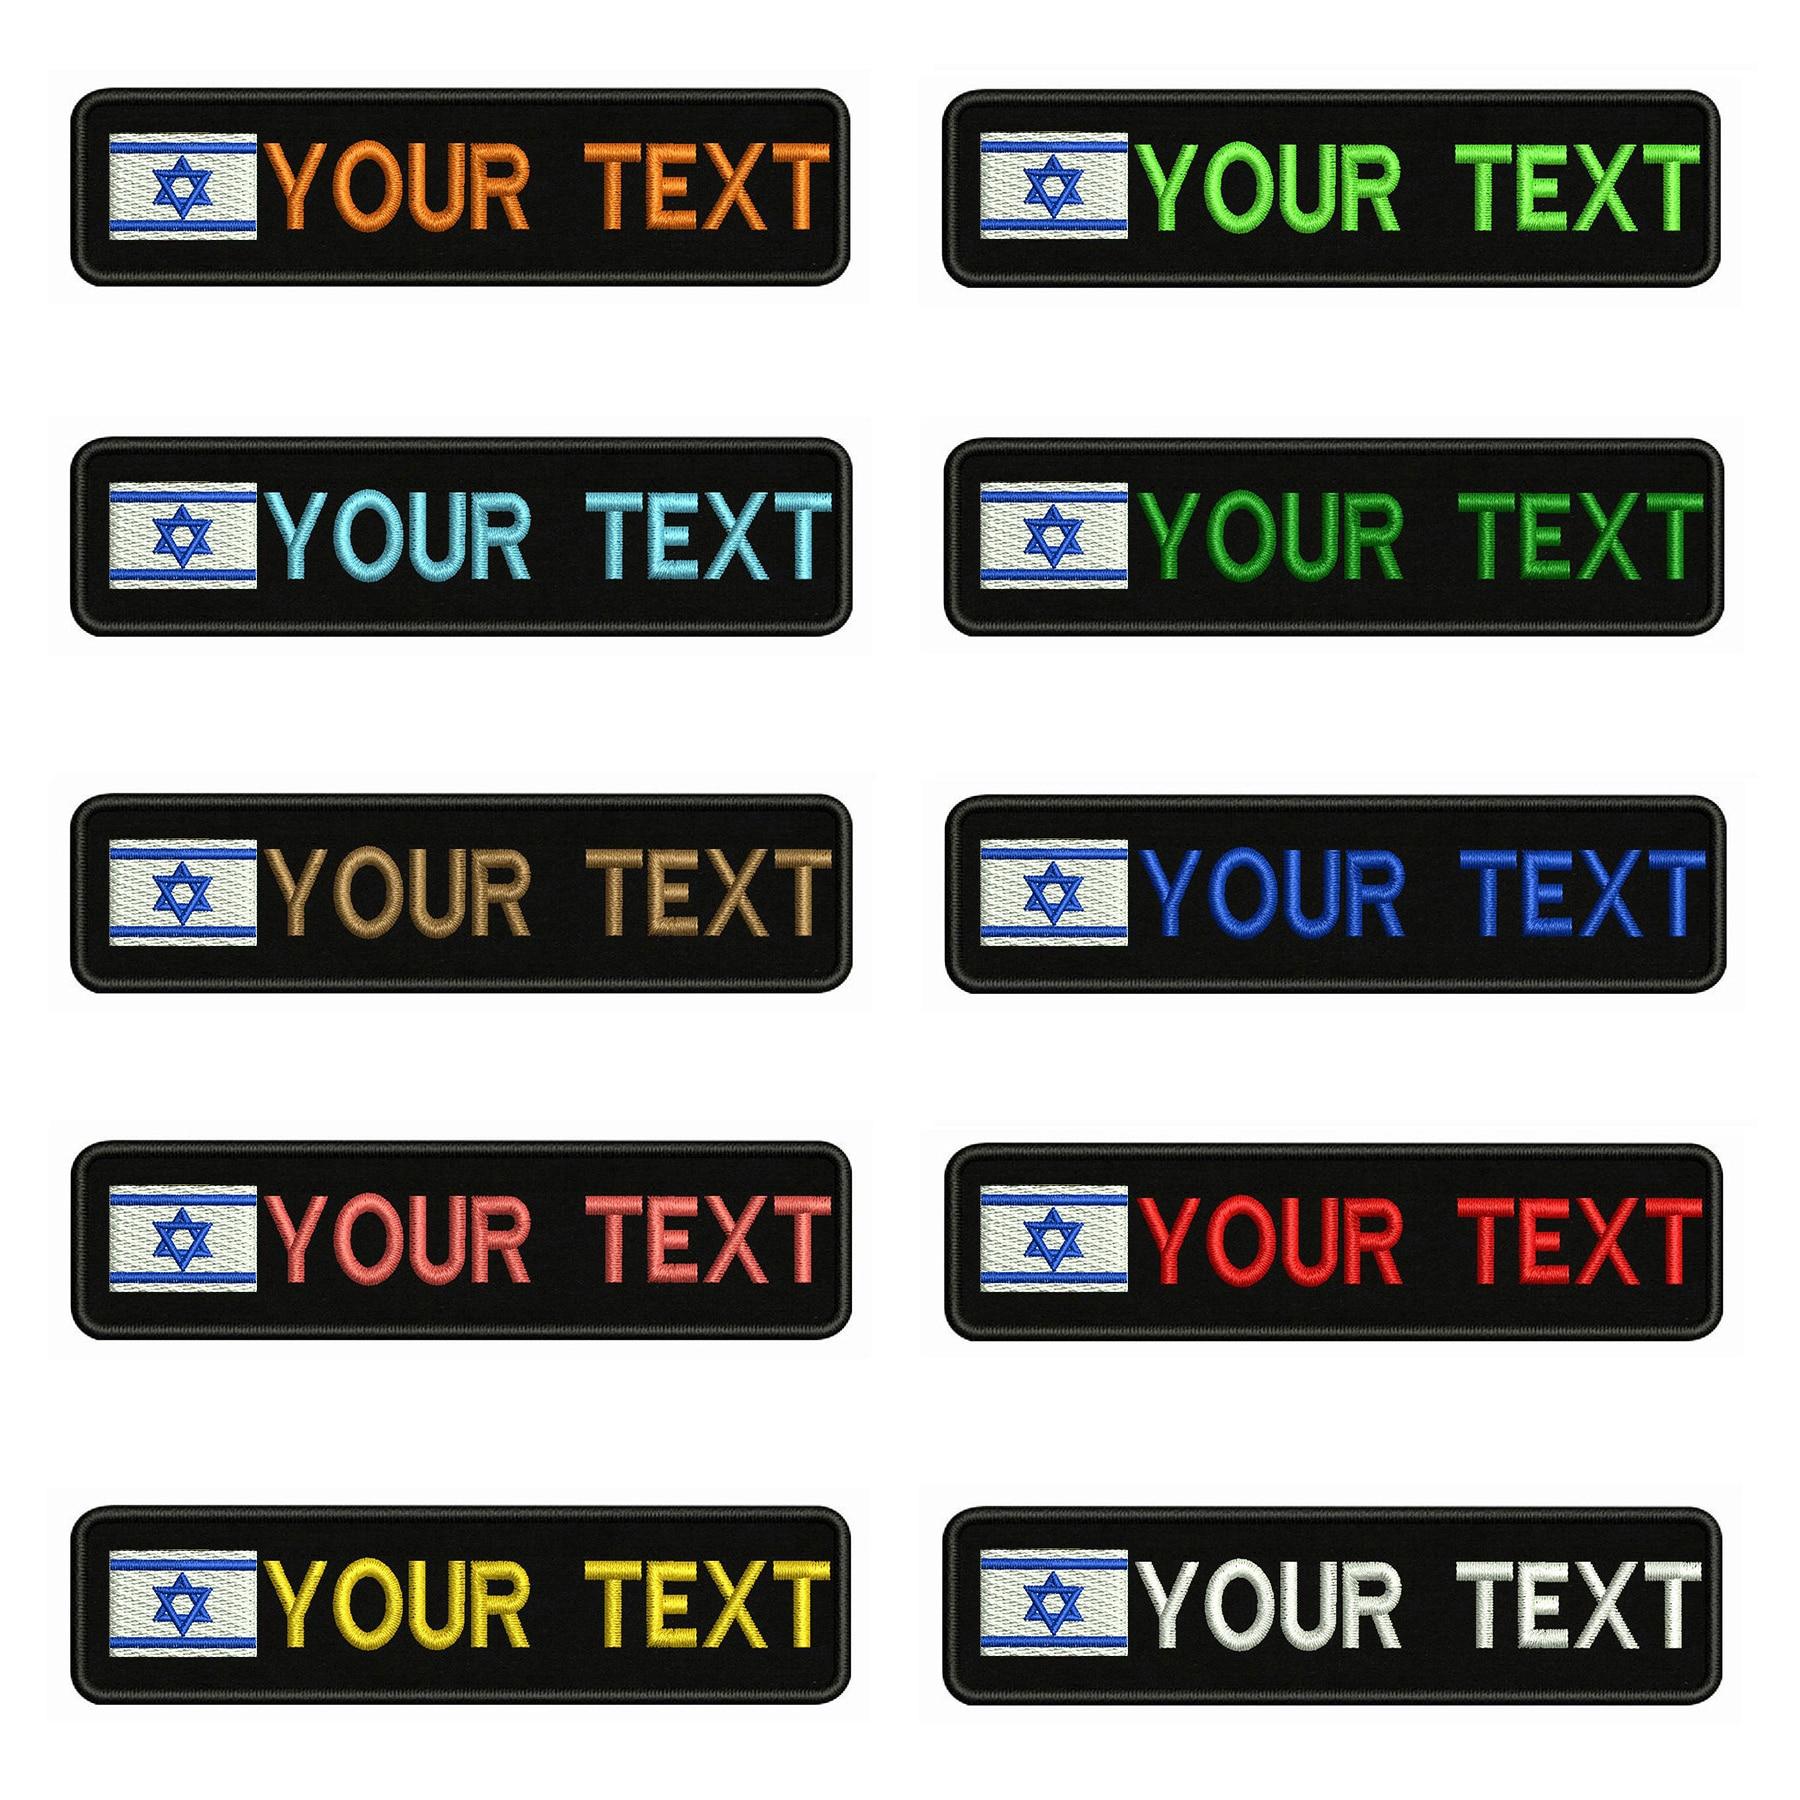 ישראל דגל רקמת Custom שם טקסט תיקון פסים תג ברזל על או לתפור על או סקוטש גיבוי תיקוני בגדים תרמיל כובע